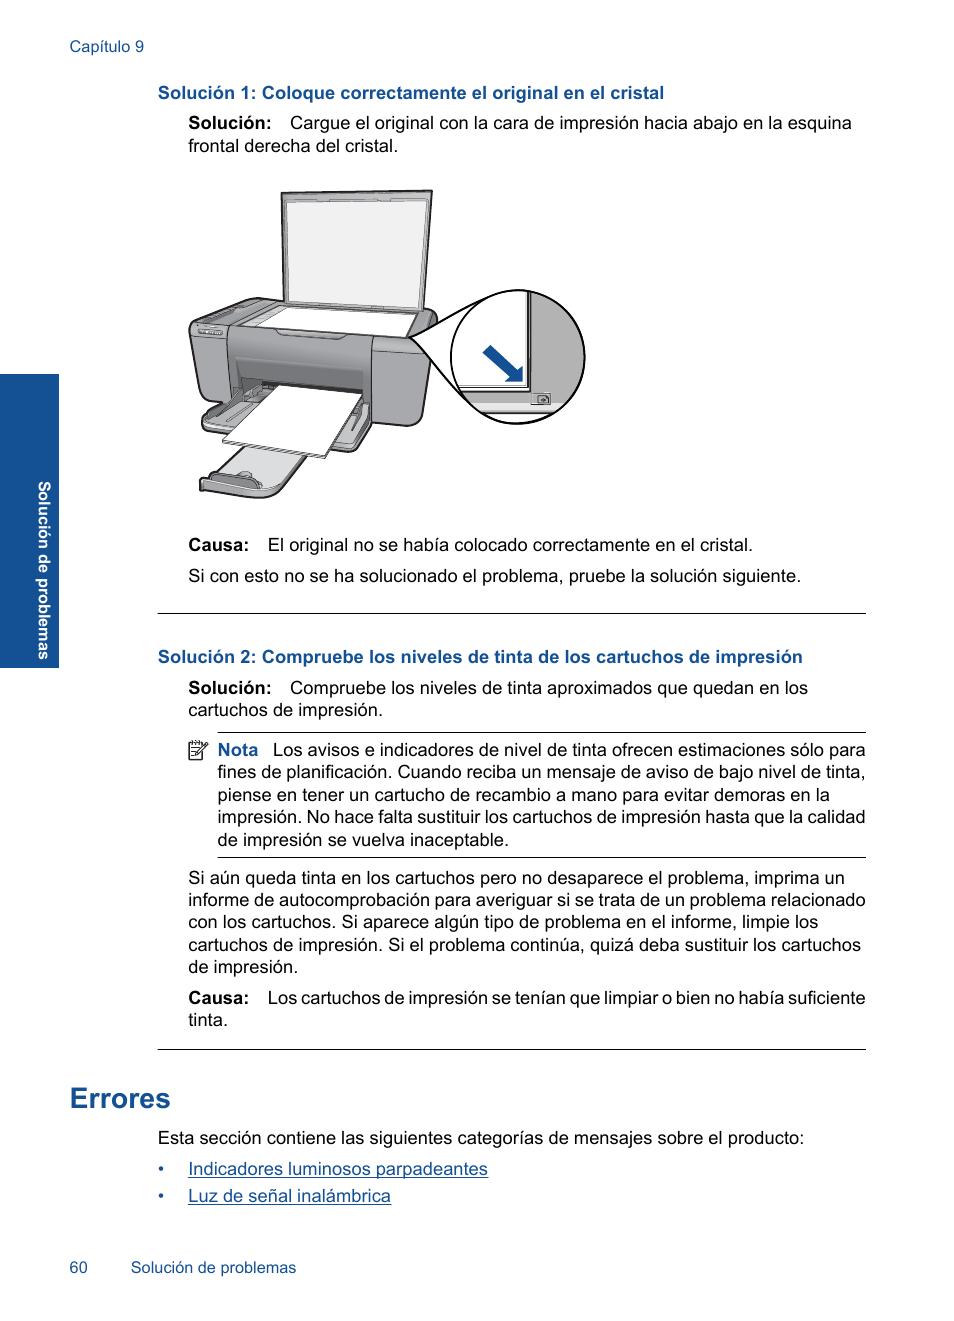 Errores | HP Impresora Todo-en-Uno HP Deskjet F4580 Manual del usuario |